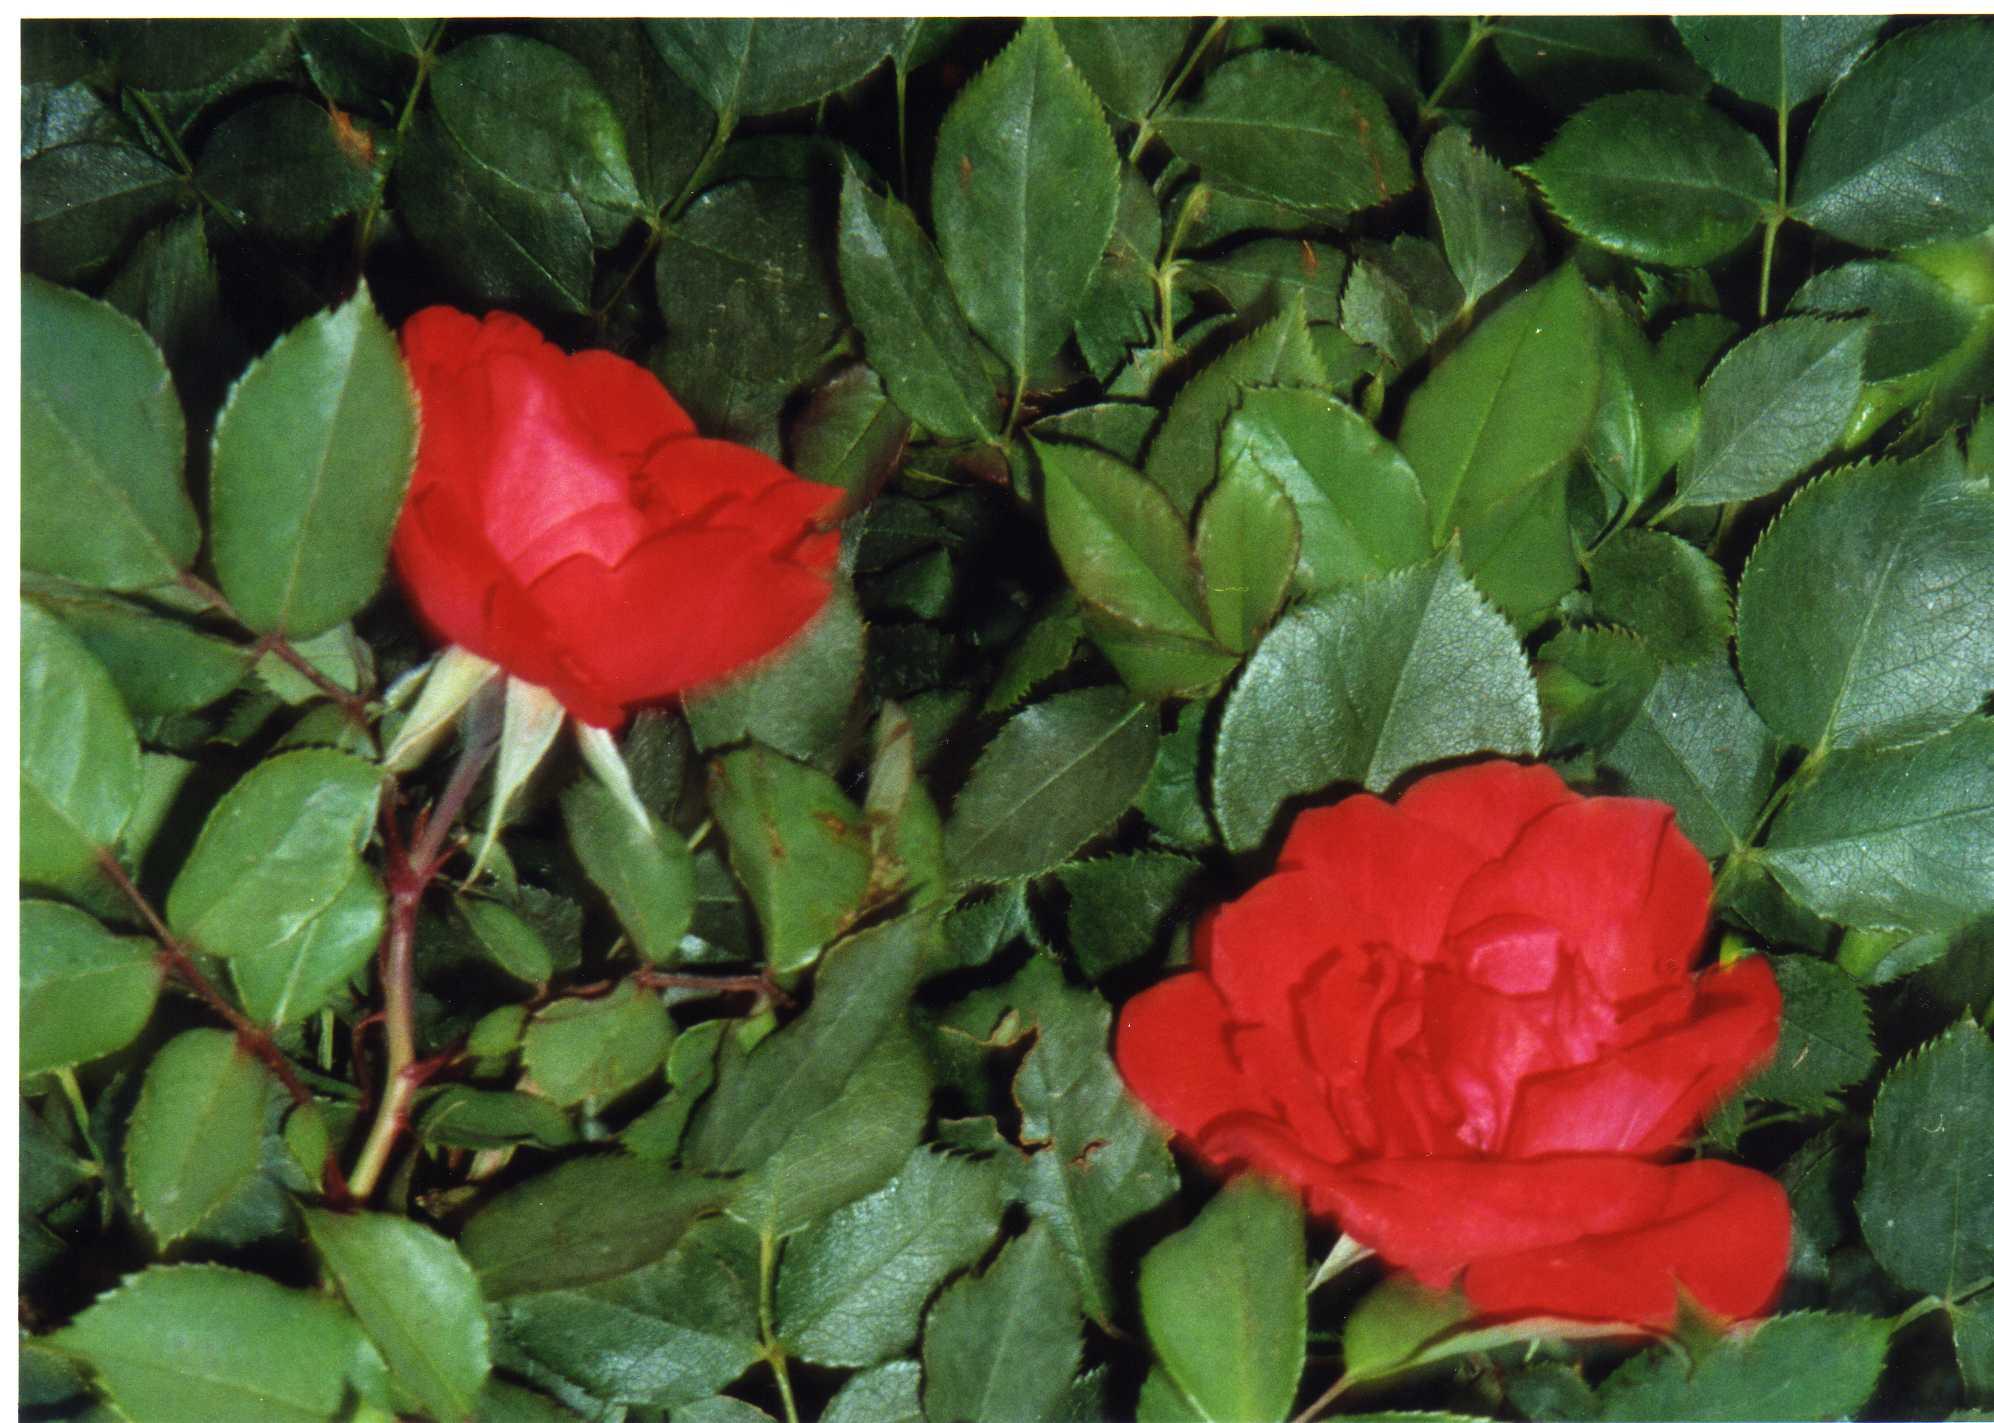 File:Rosas rojas.jpg - Wikimedia Commons